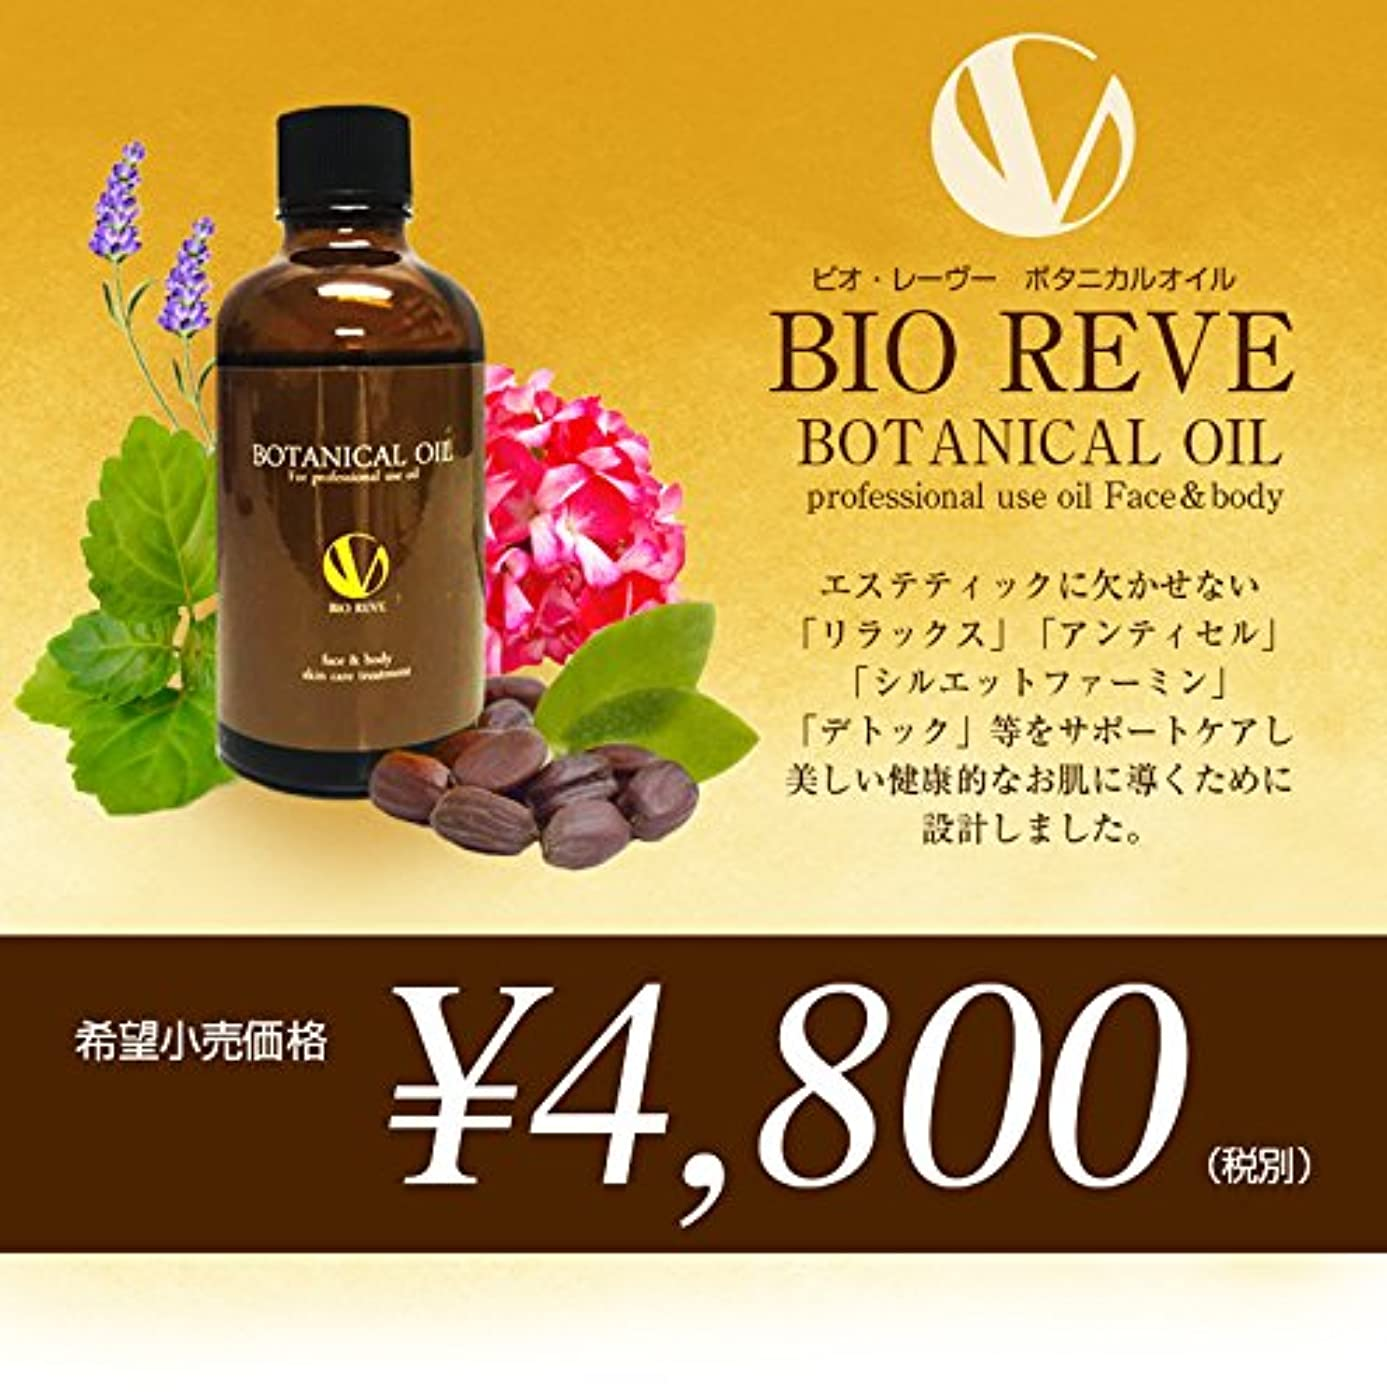 交換おじさんネストビオ?レーヴーボタニカルオイル(Bio reve masssage oil )マッサージオイル100ml